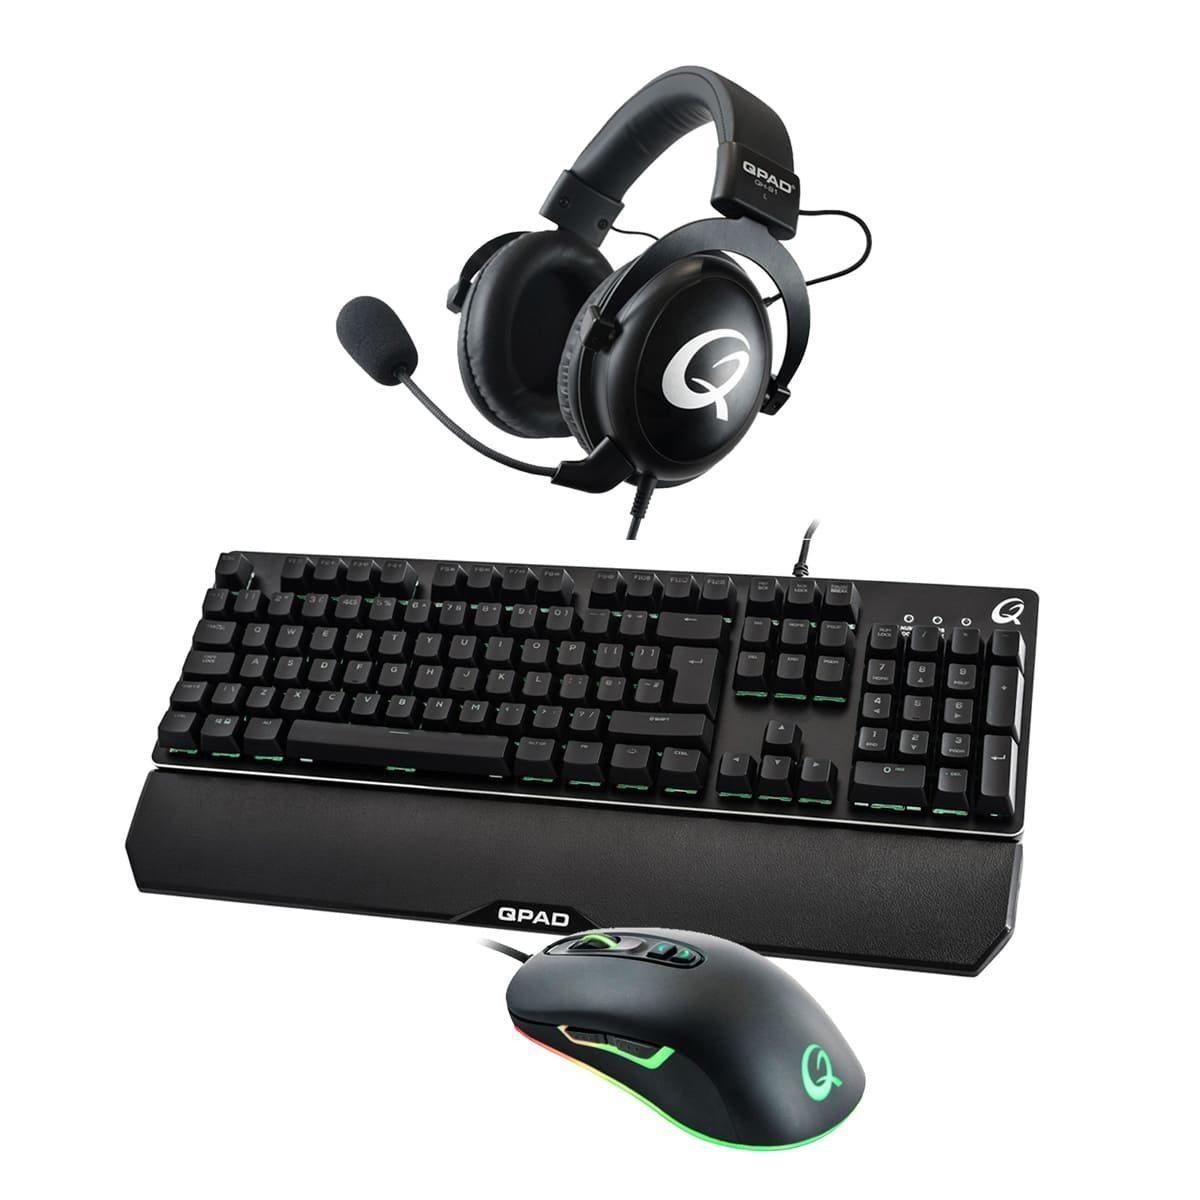 [One.de] QPAD DX-30-Maus, MK-40-Tastatur QH-91-Headset BUNDLE